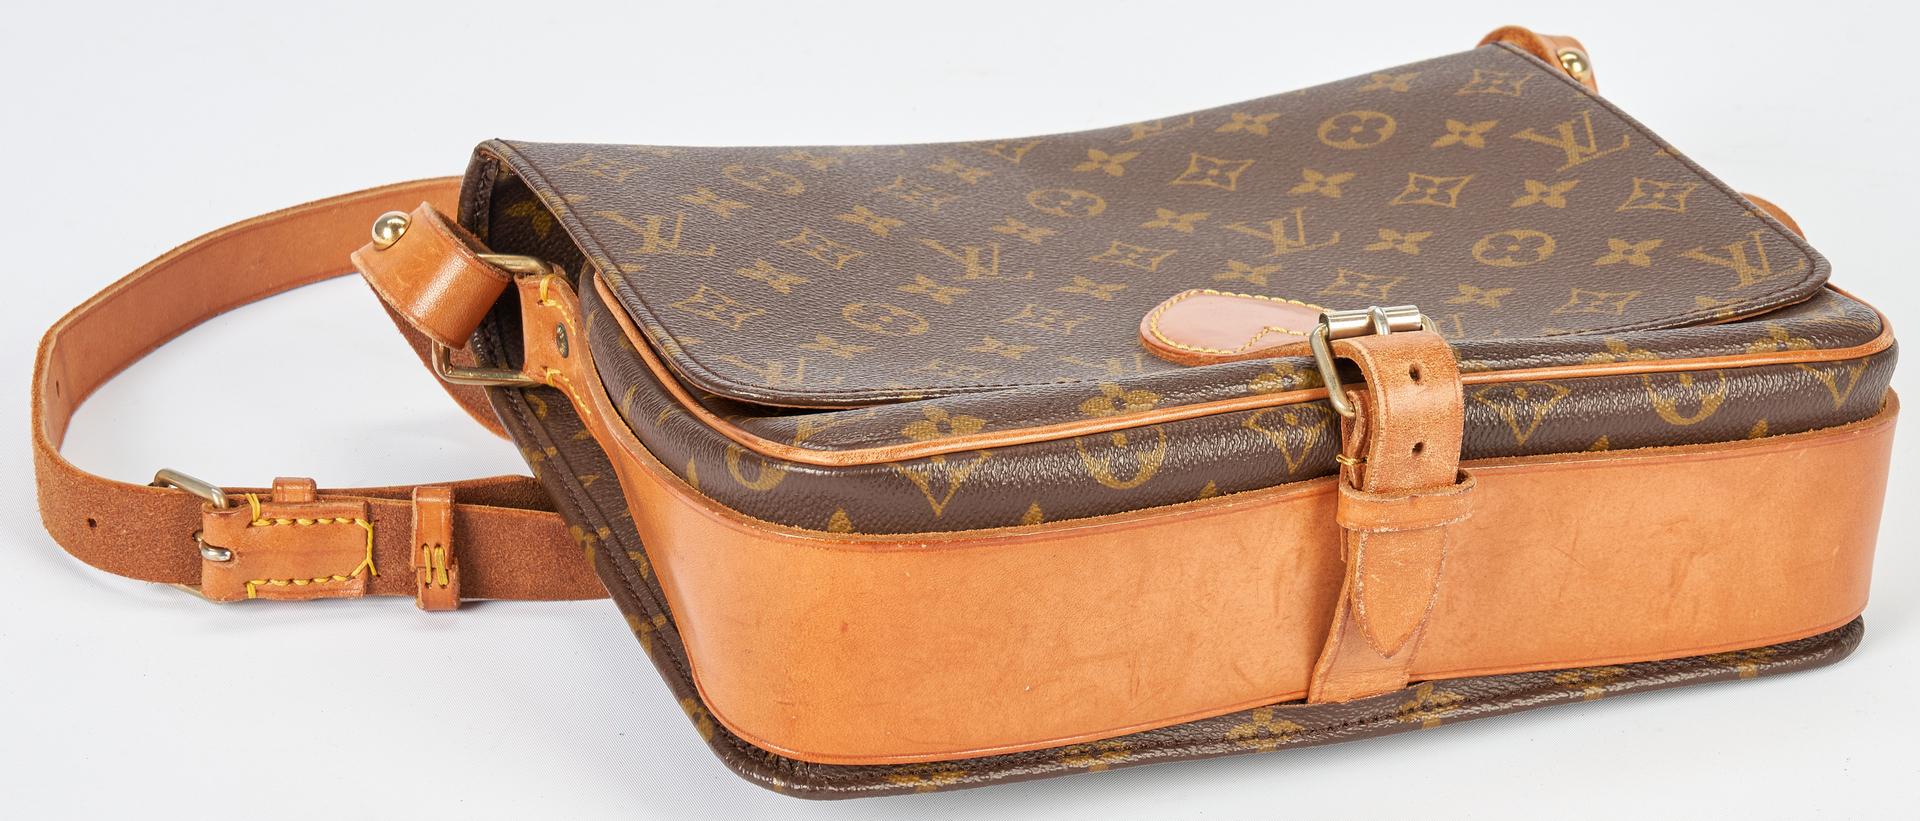 Lot 706: Louis Vuitton Monogram Canvas Cartouchiere GM Shoulder Bag